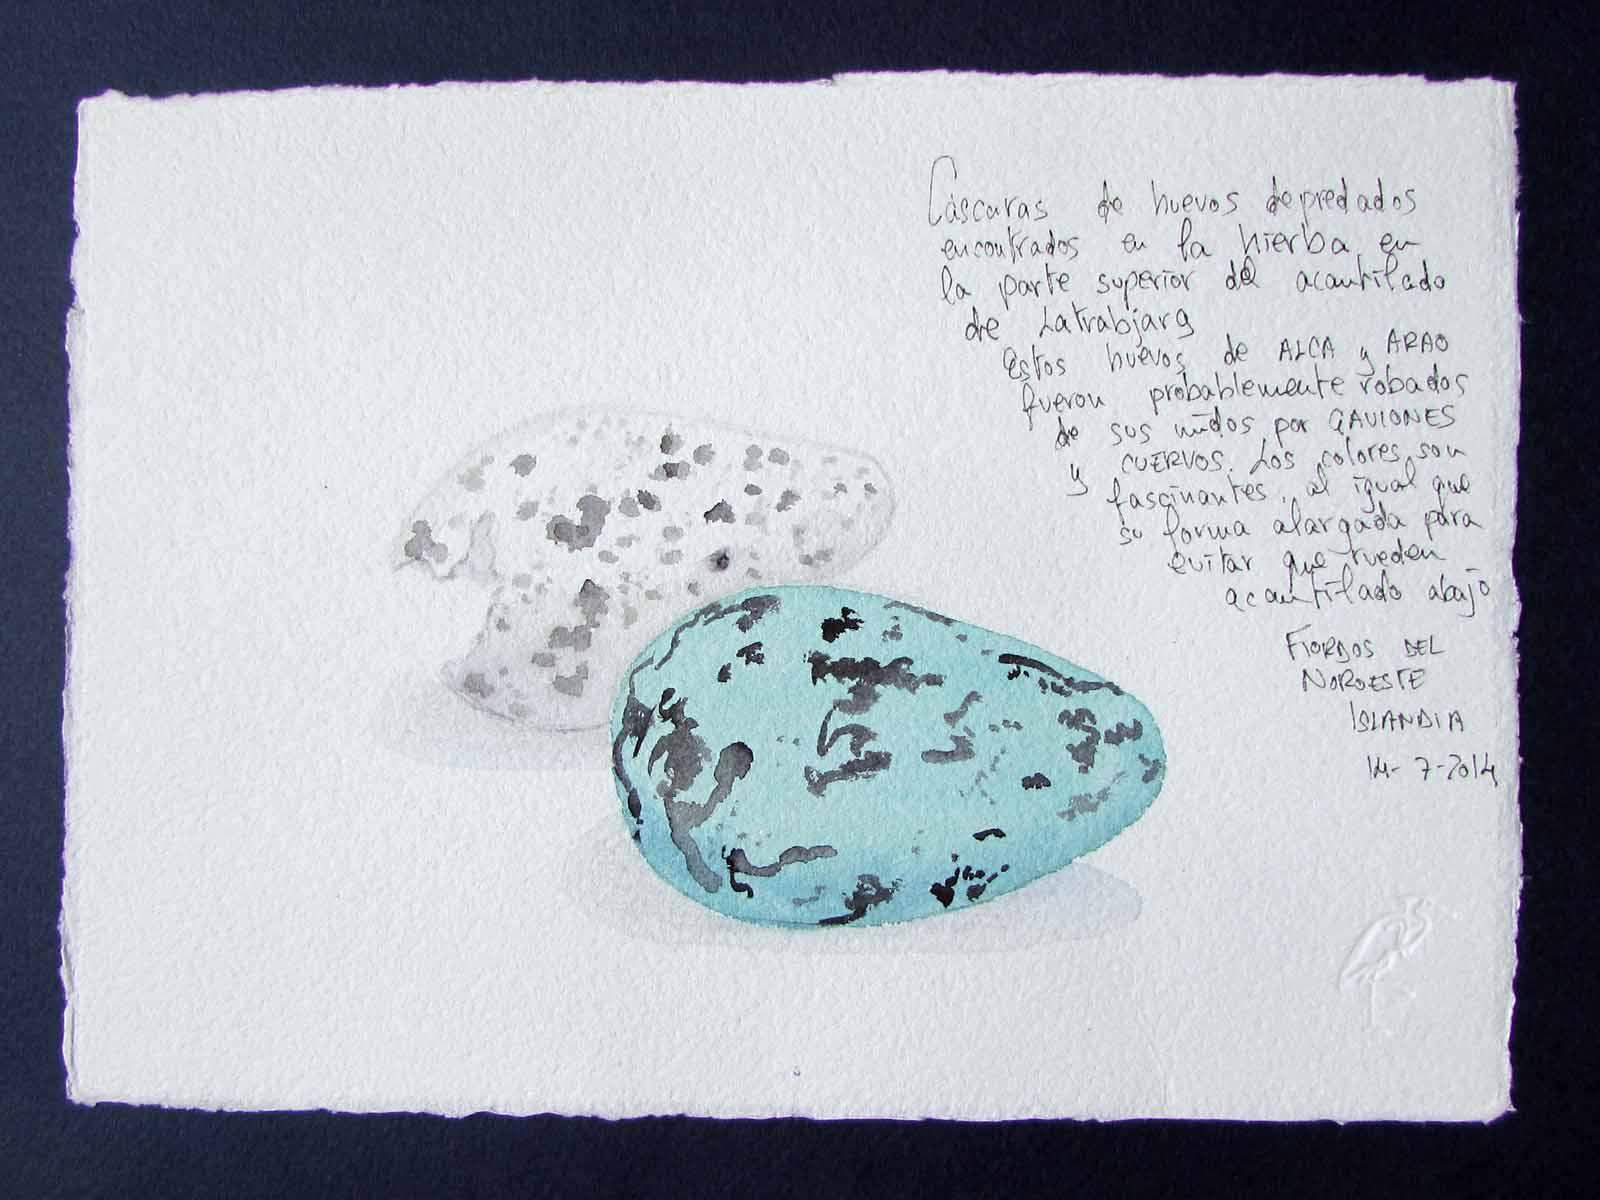 Huevos de Alca y Arao